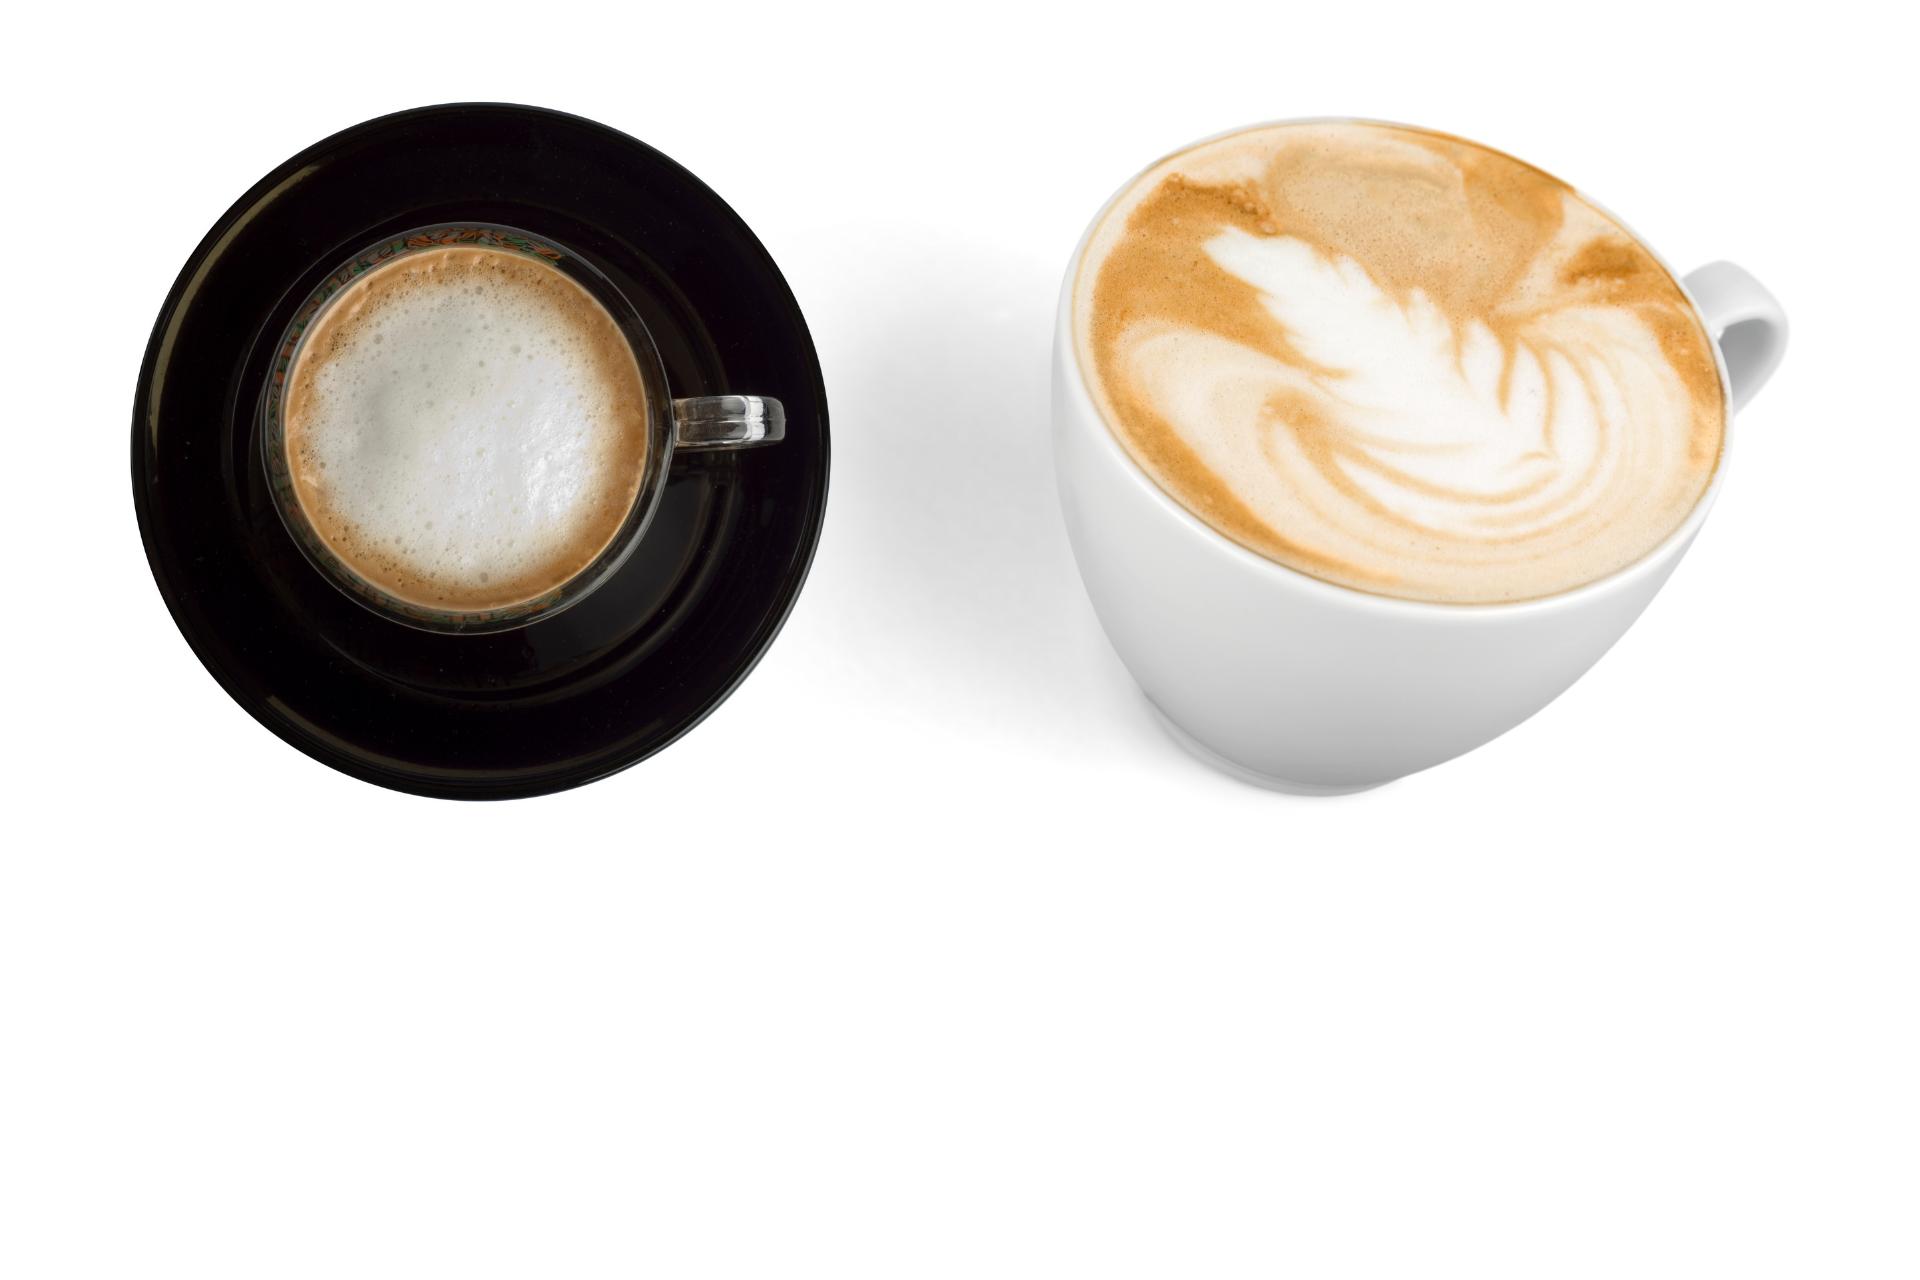 Macchiato vs Cappuccino